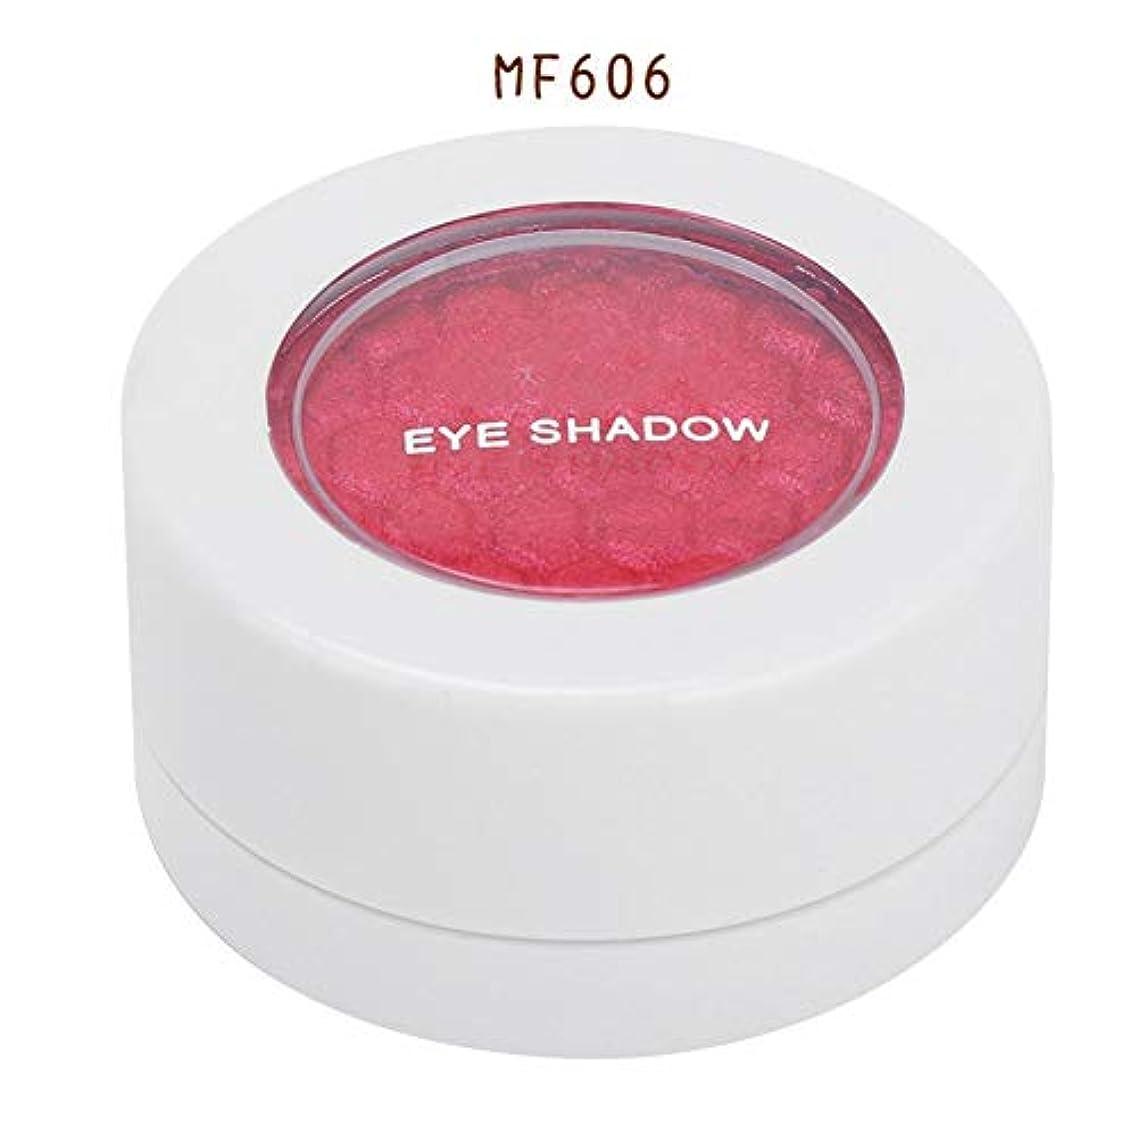 精査するめったにメガロポリス4色 アイシャドウパレット アイシャドウパレット 化粧品ツール 化粧マットグロス アイシャドウパウダー (MF606)